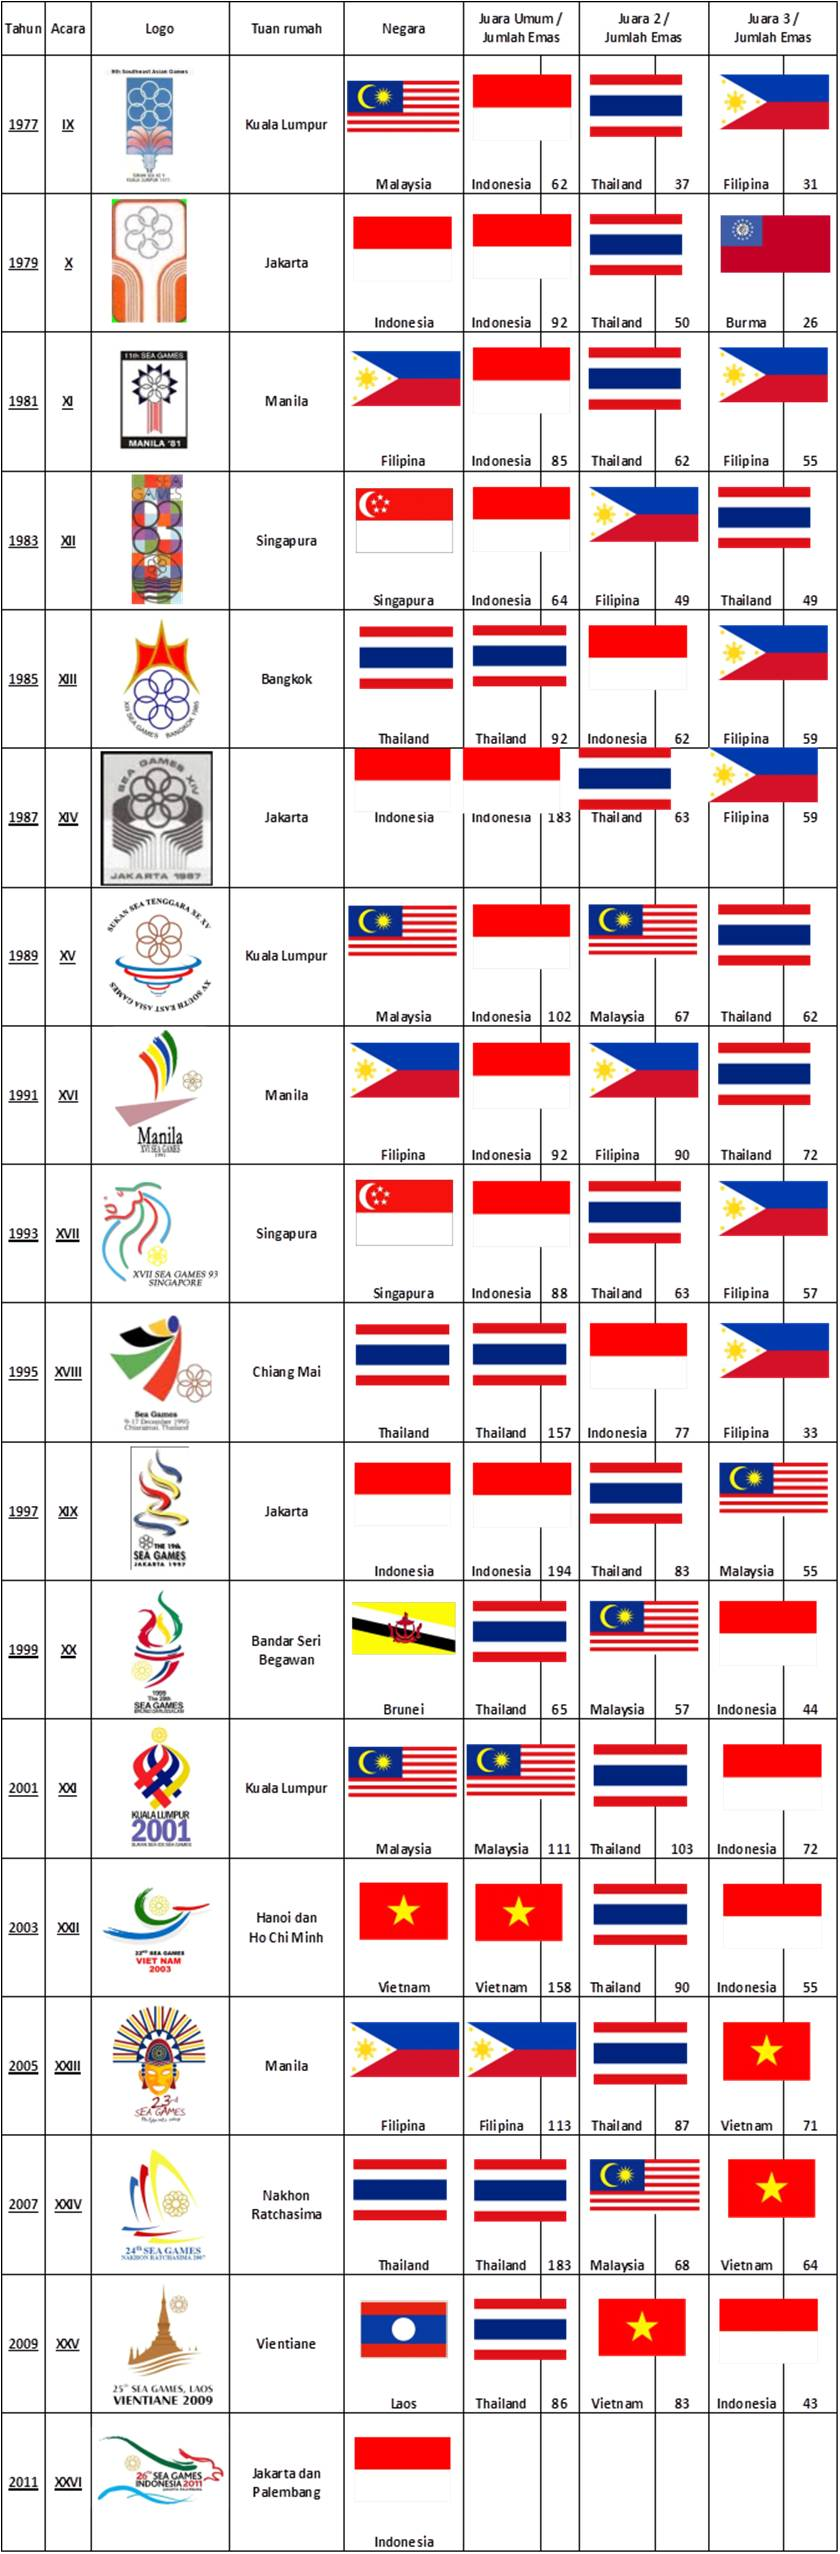 sea games emf2 - Asian Games Dari Tahun Ke Tahun